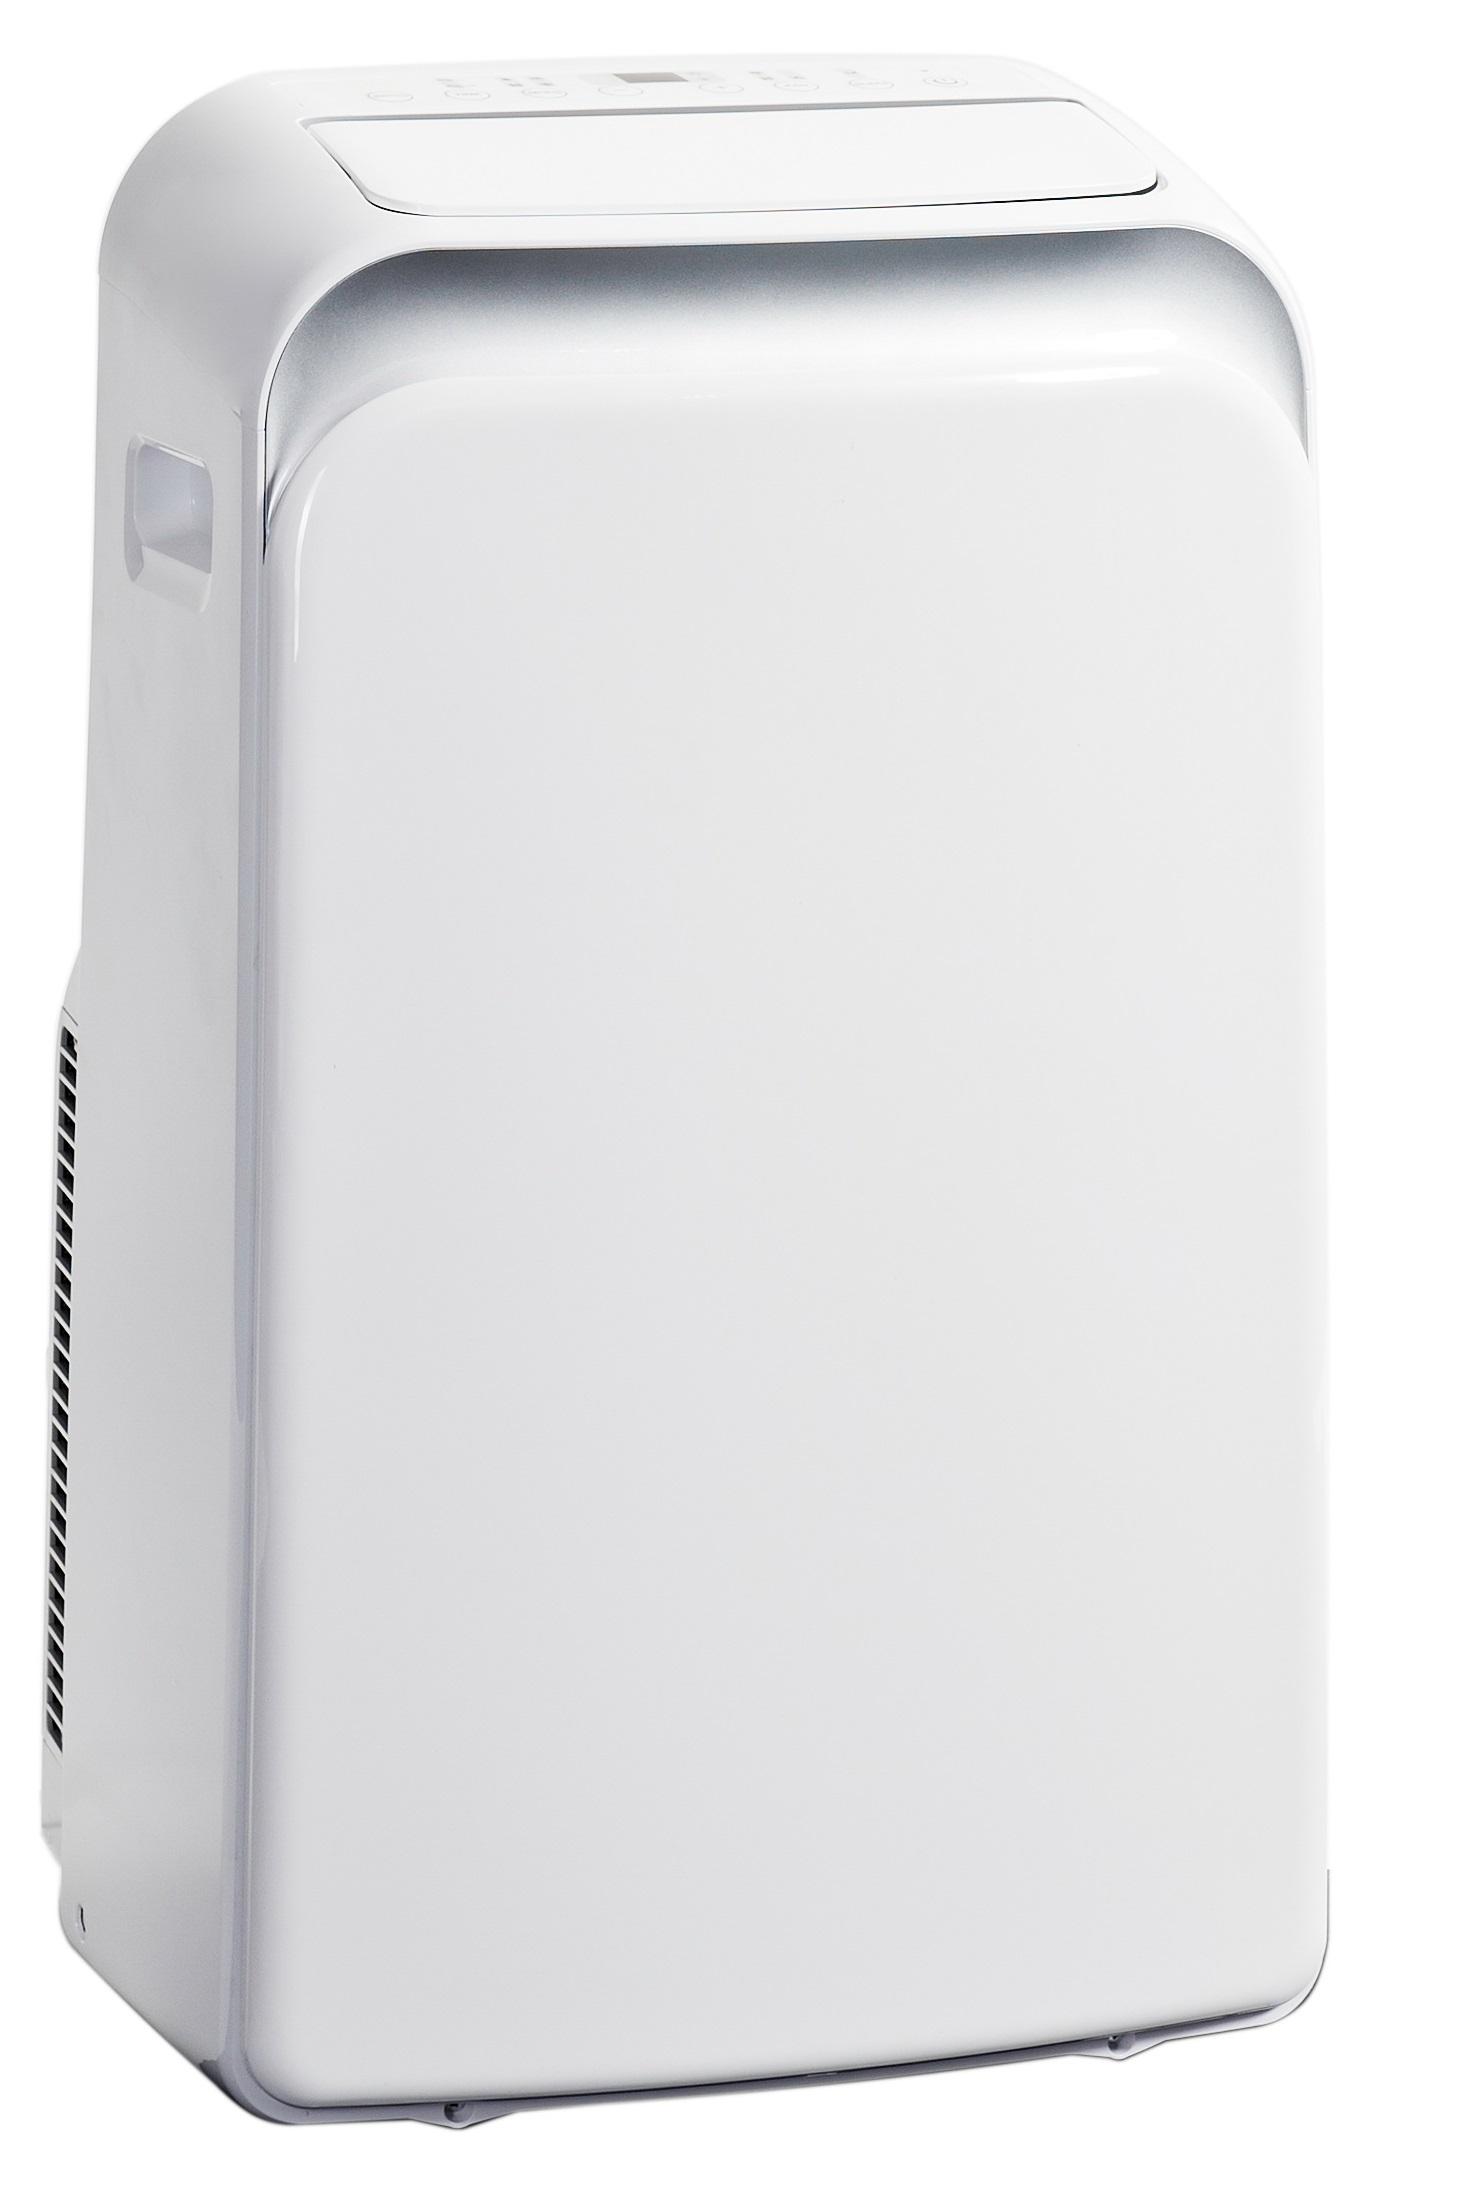 Mobilní klimatizace Midea/Comfee MPD1-09CRN1 - 3 roky záruka